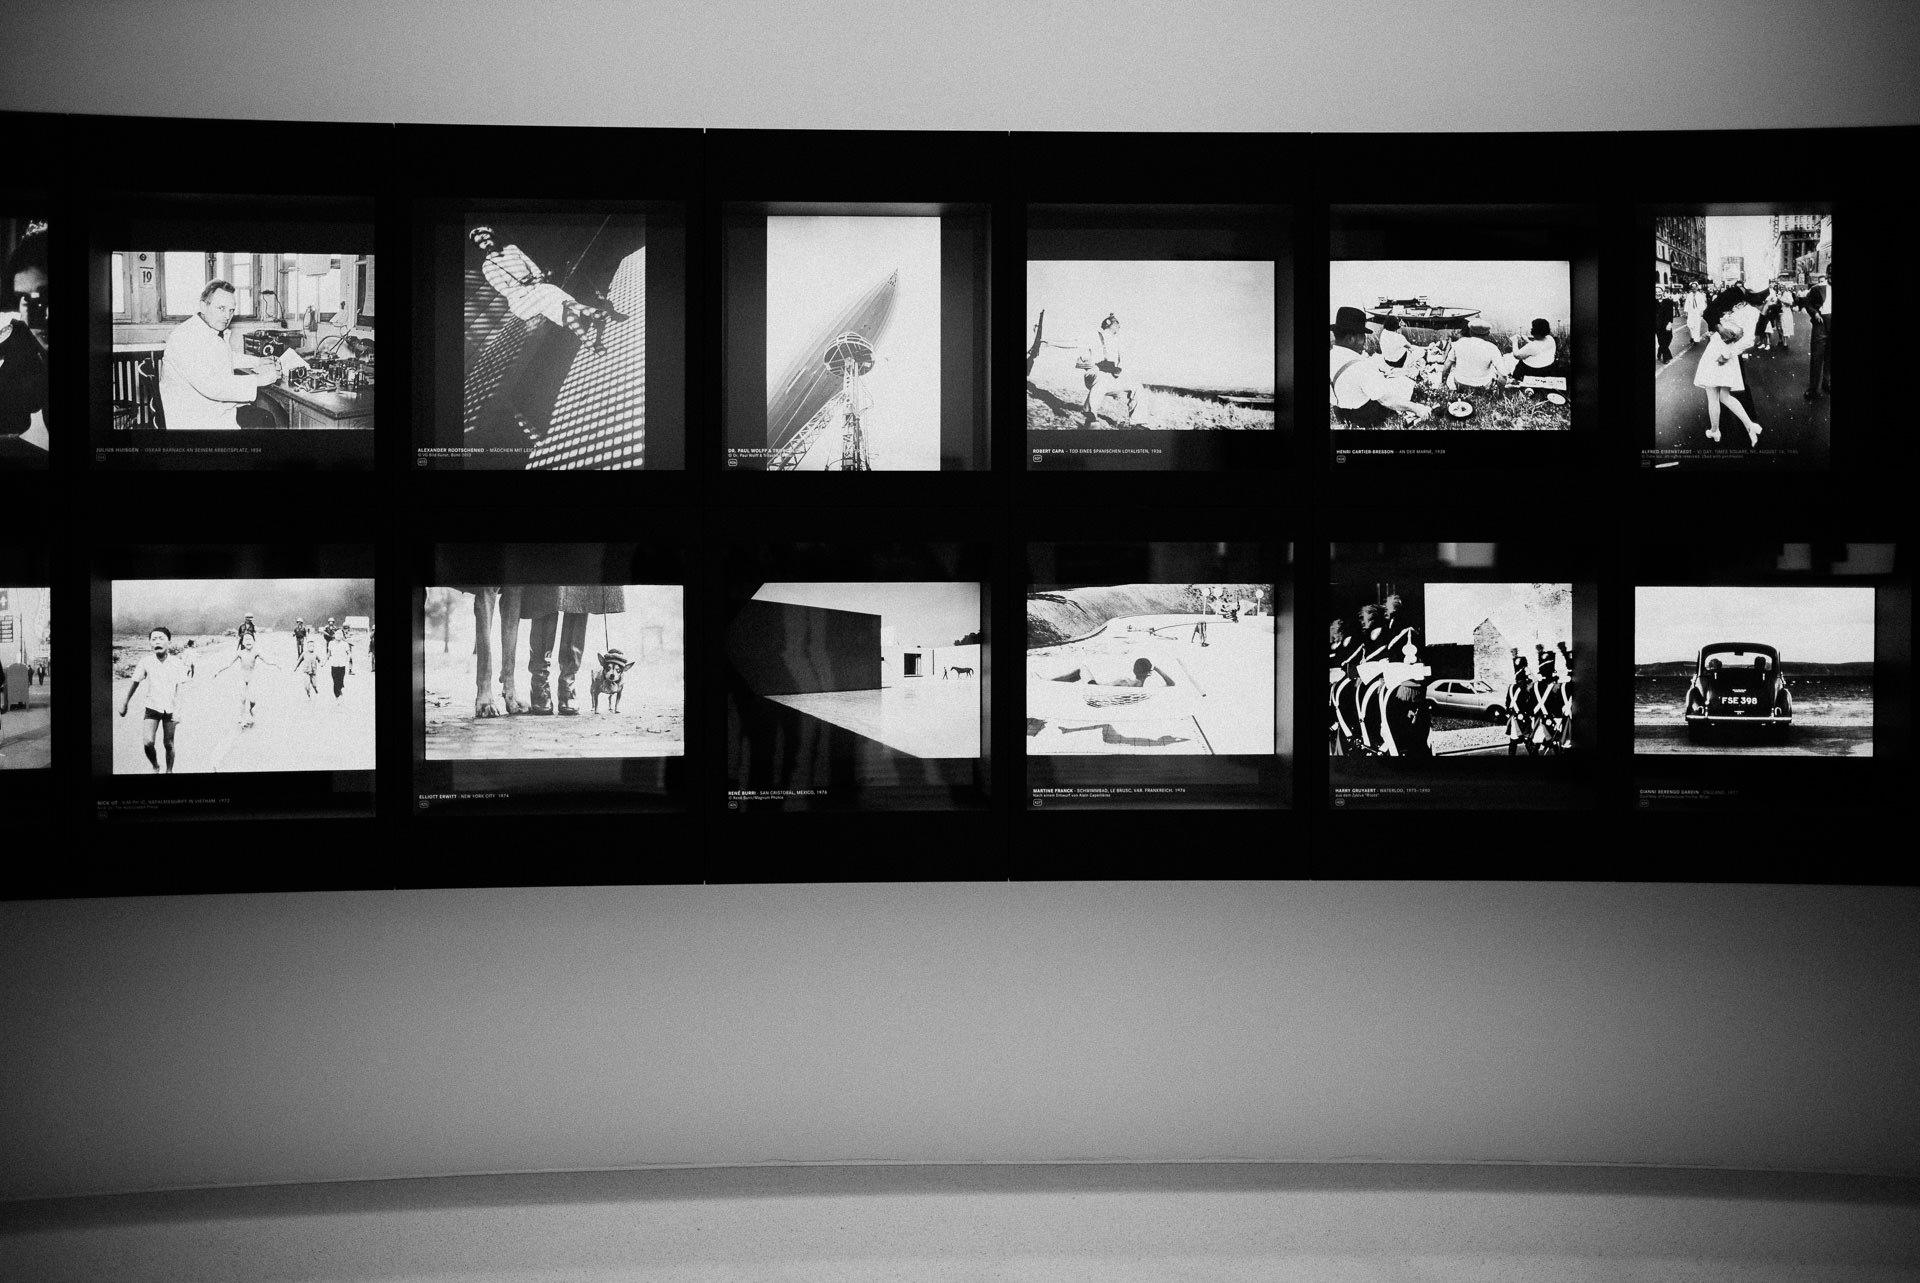 Erster-Tag-mit-der-Leica-M (6 von 40)